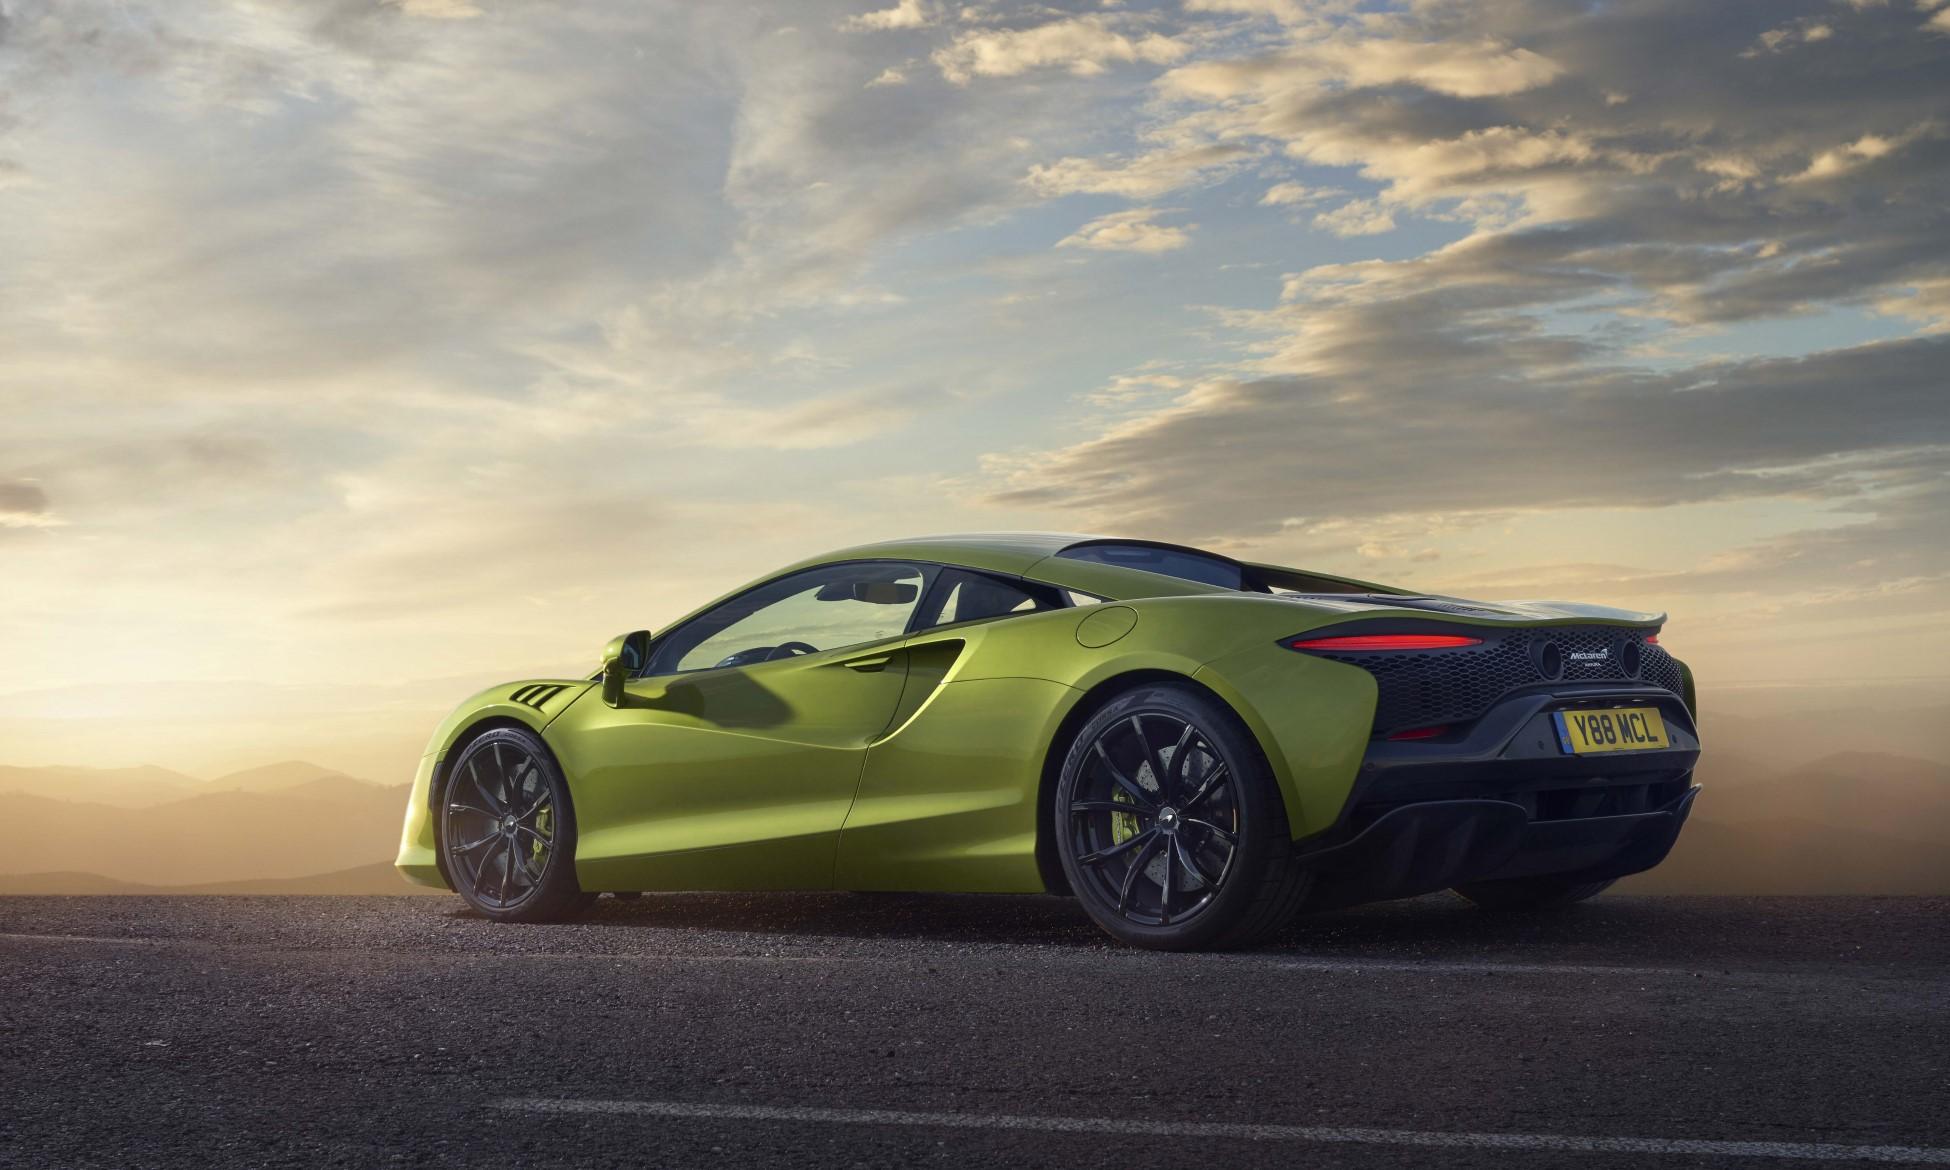 McLaren Artura rear